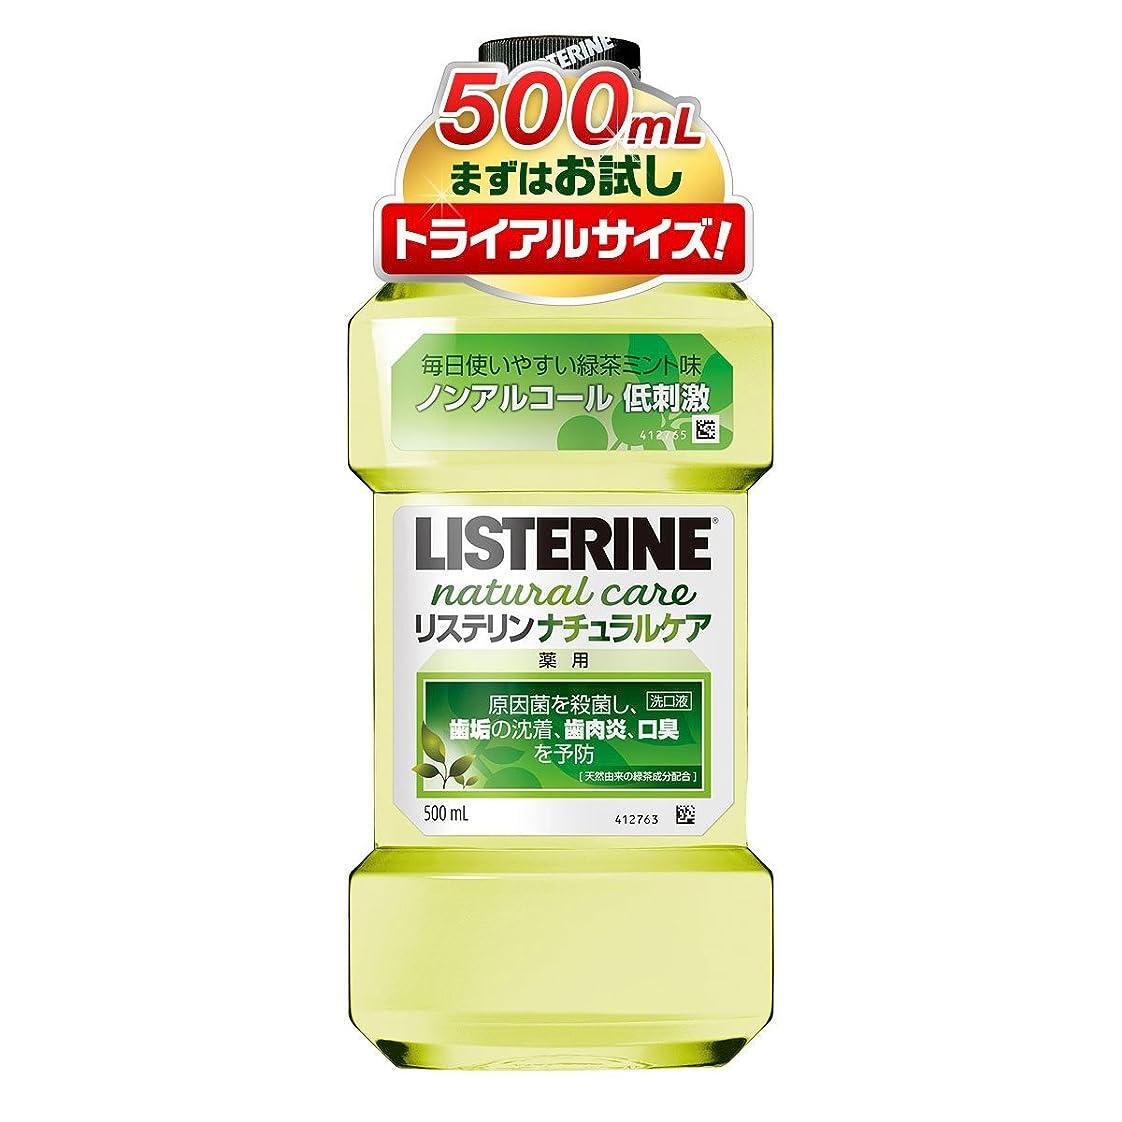 年齢やりがいのある感謝する[医薬部外品] 薬用 リステリン マウスウォッシュ ナチュラルケア 500mL ノンアルコールタイプ